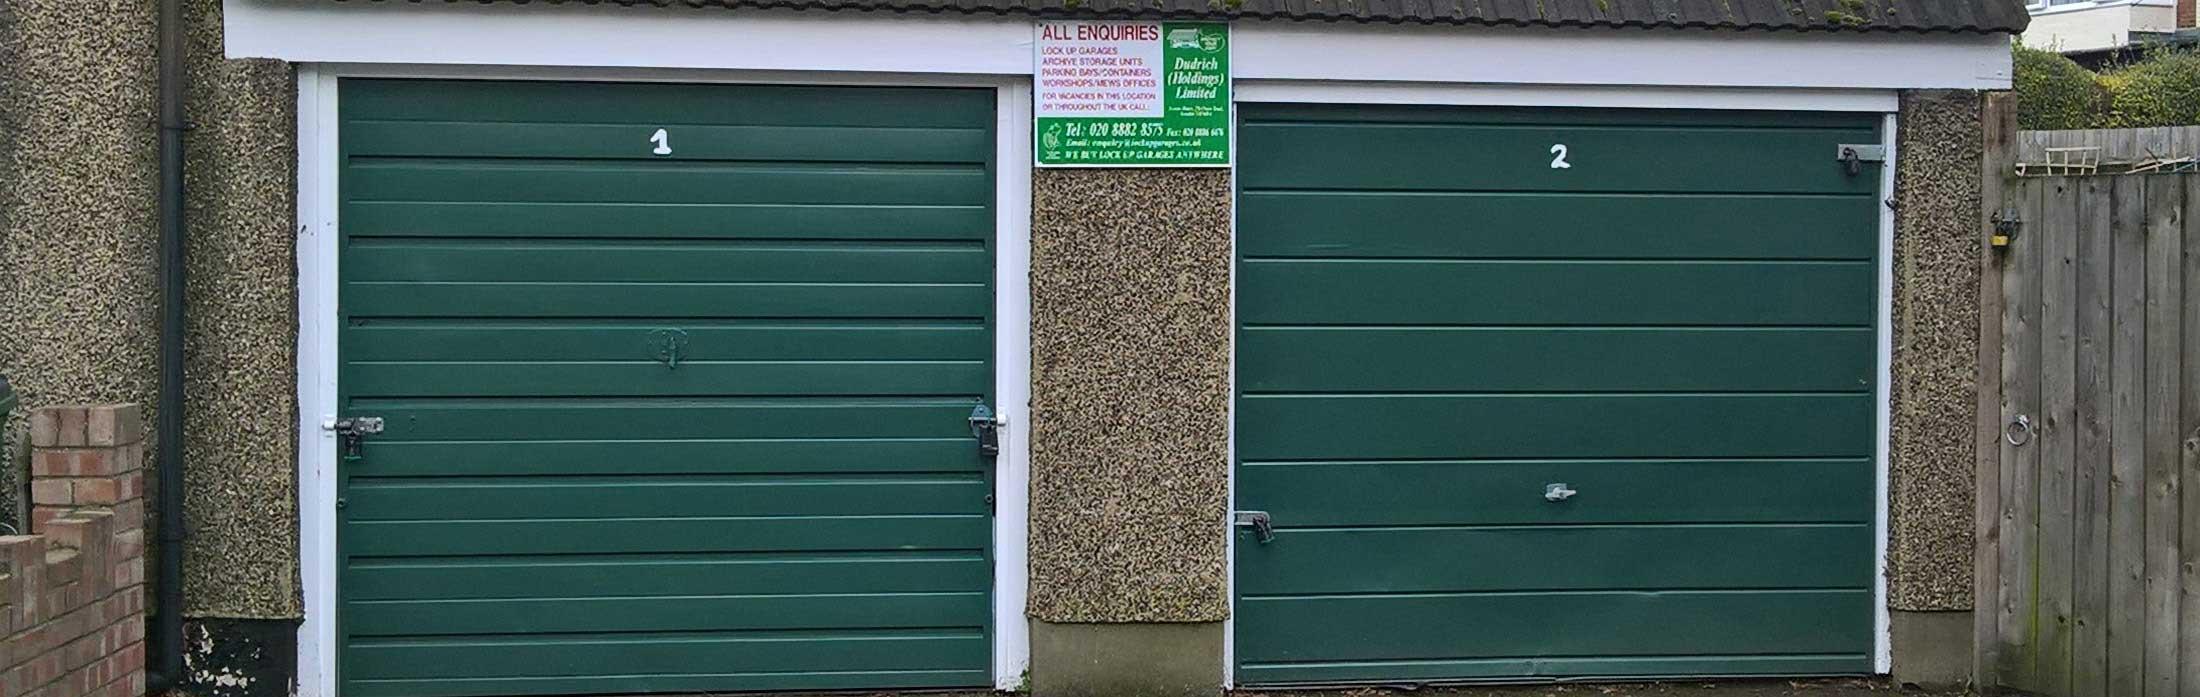 Garages to rent rent a garage garage rental lock up garages lock home solutioingenieria Choice Image